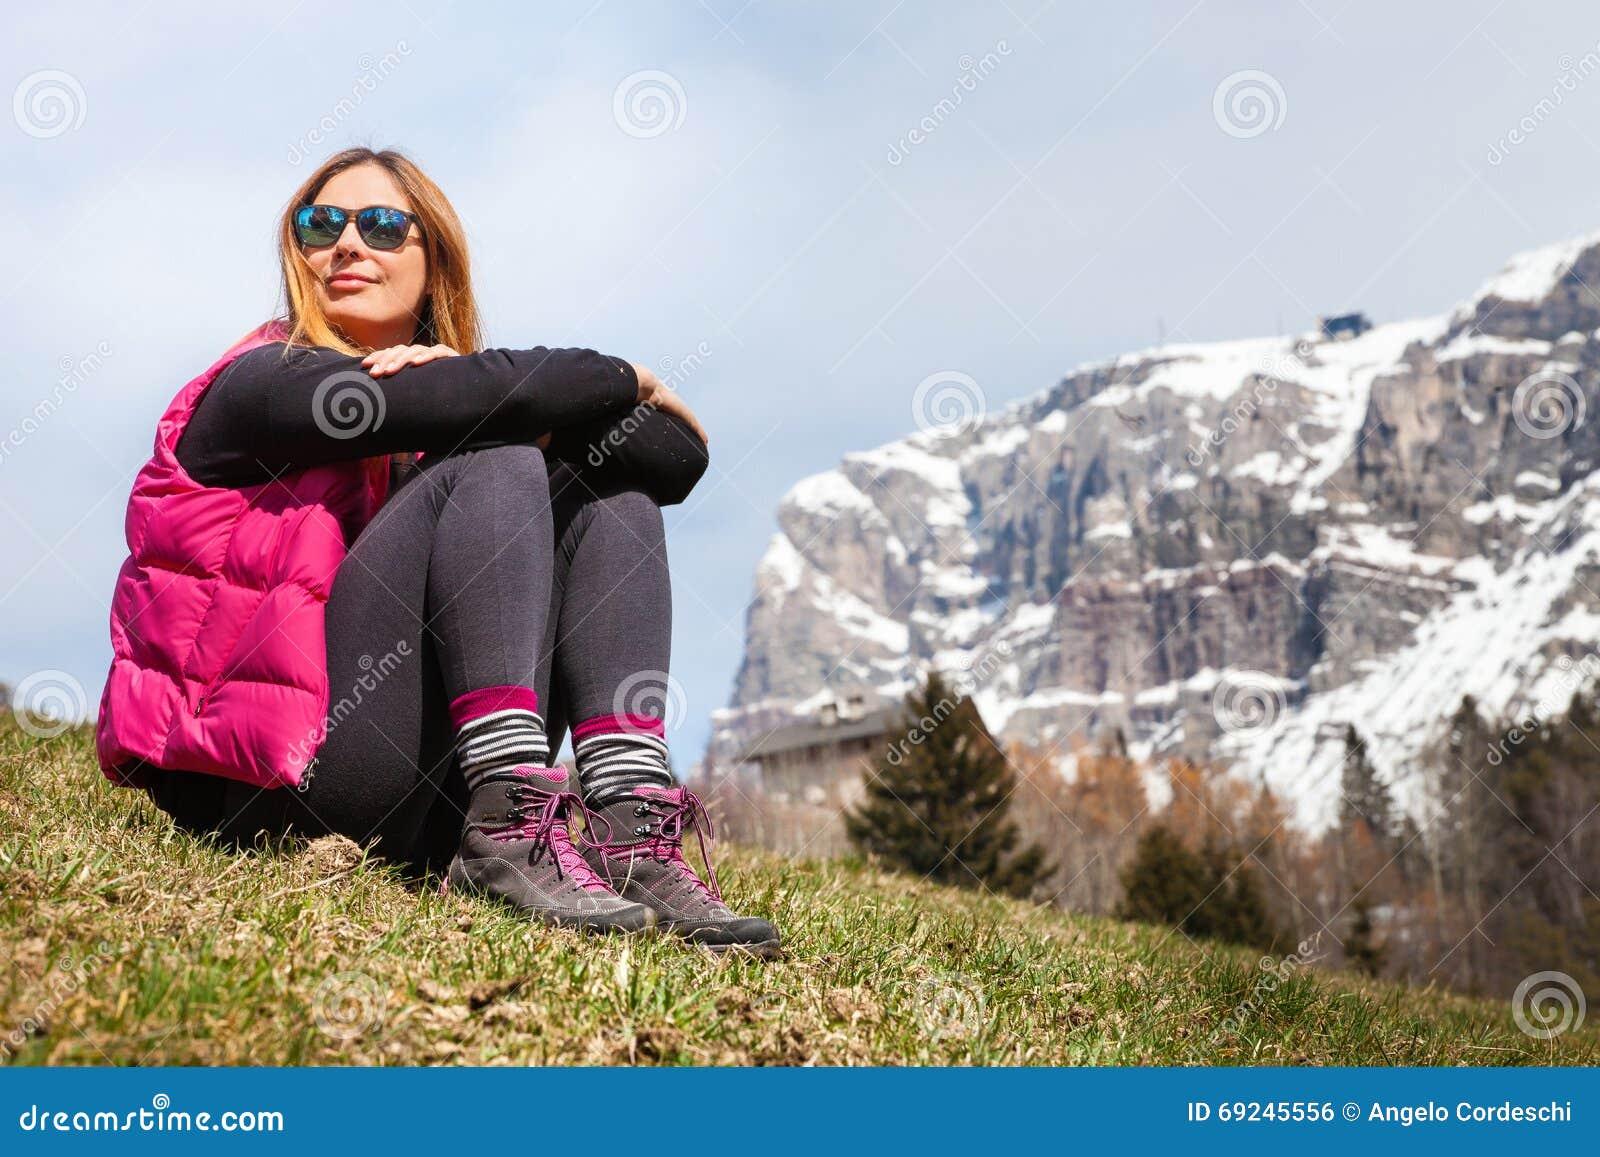 Διακοπές βουνών πεζοπορία Γυναίκα και φύση